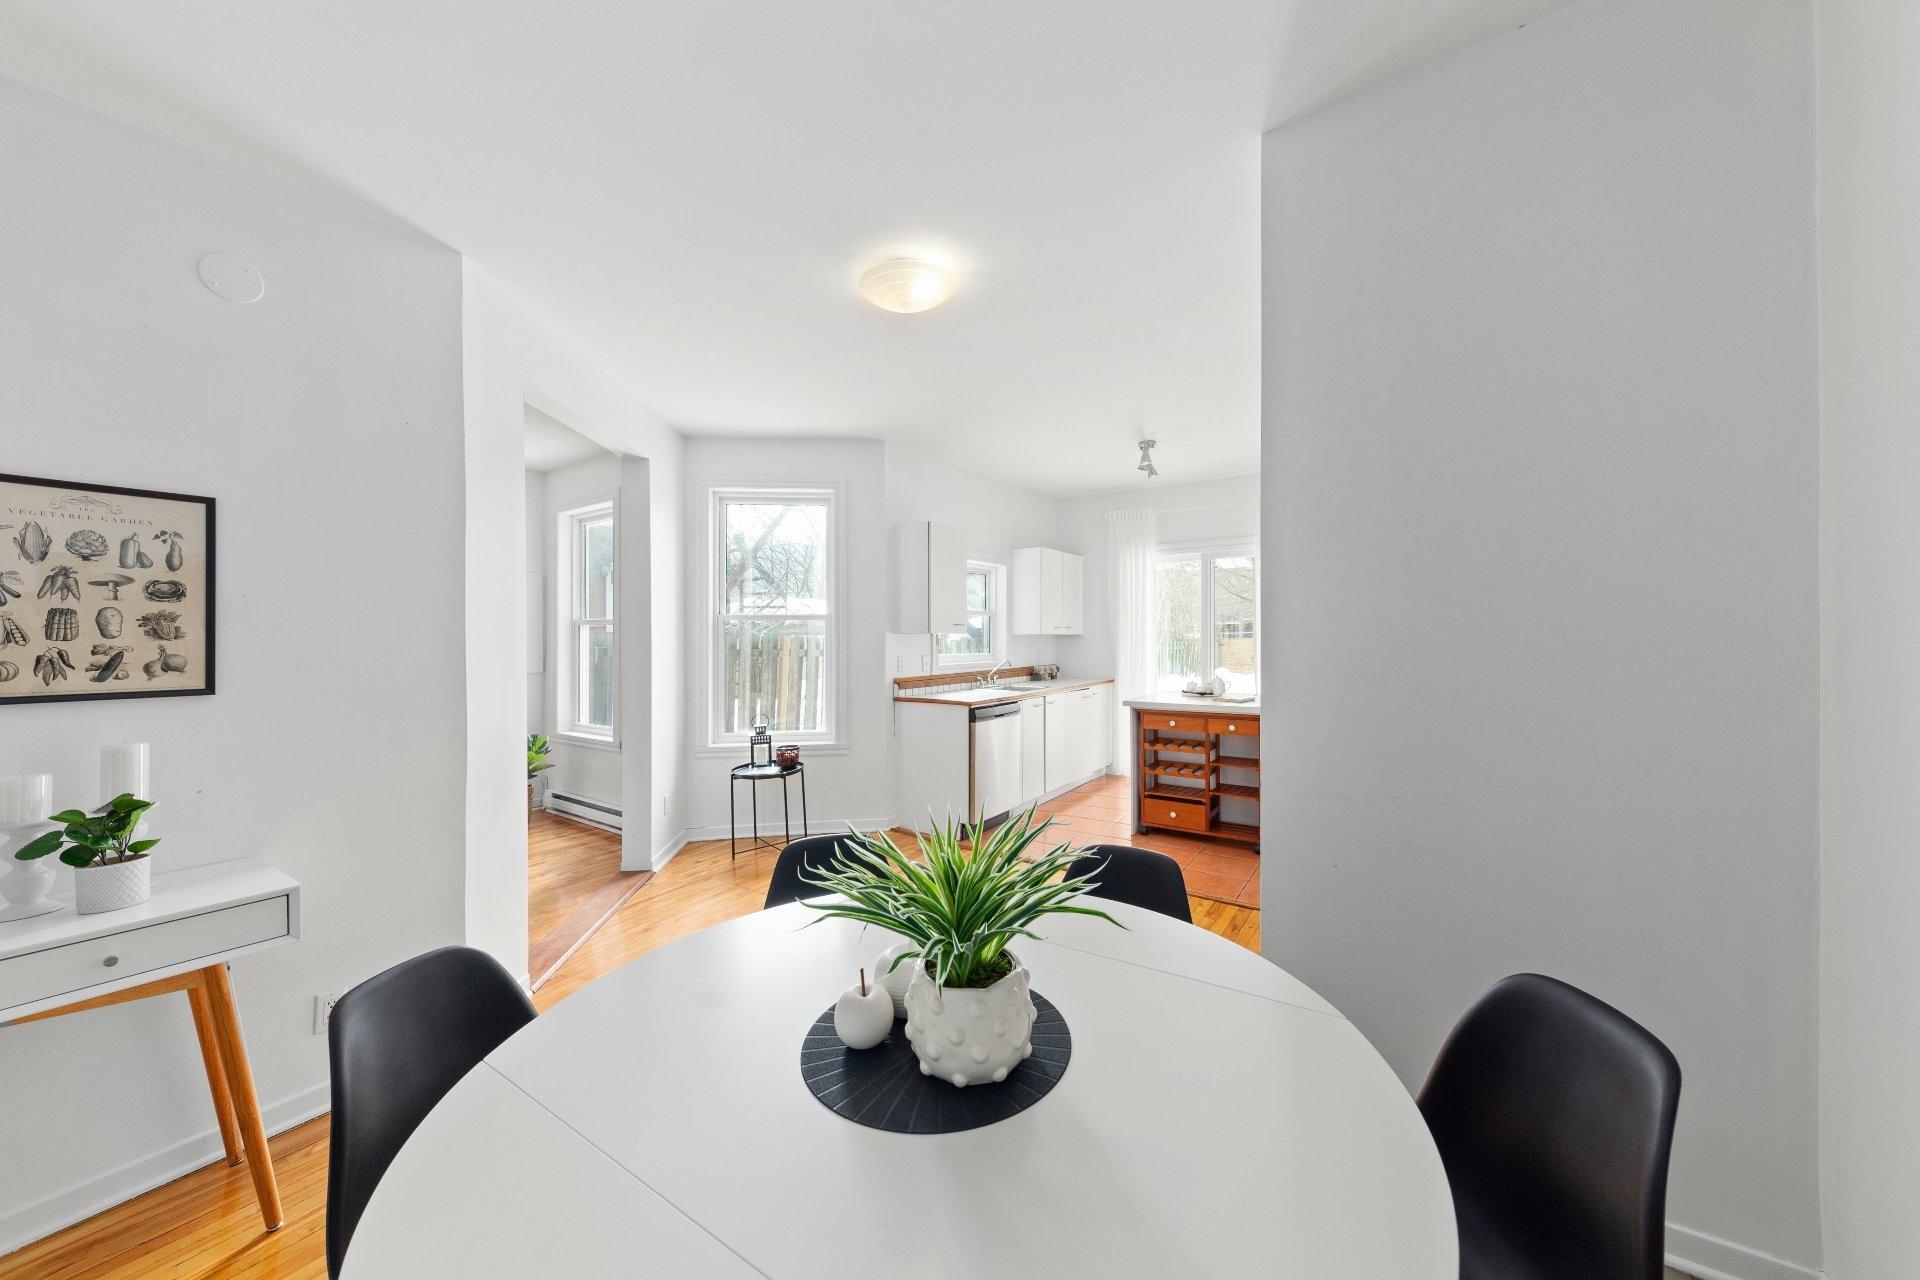 image 9 - Duplex For sale Le Plateau-Mont-Royal Montréal  - 5 rooms